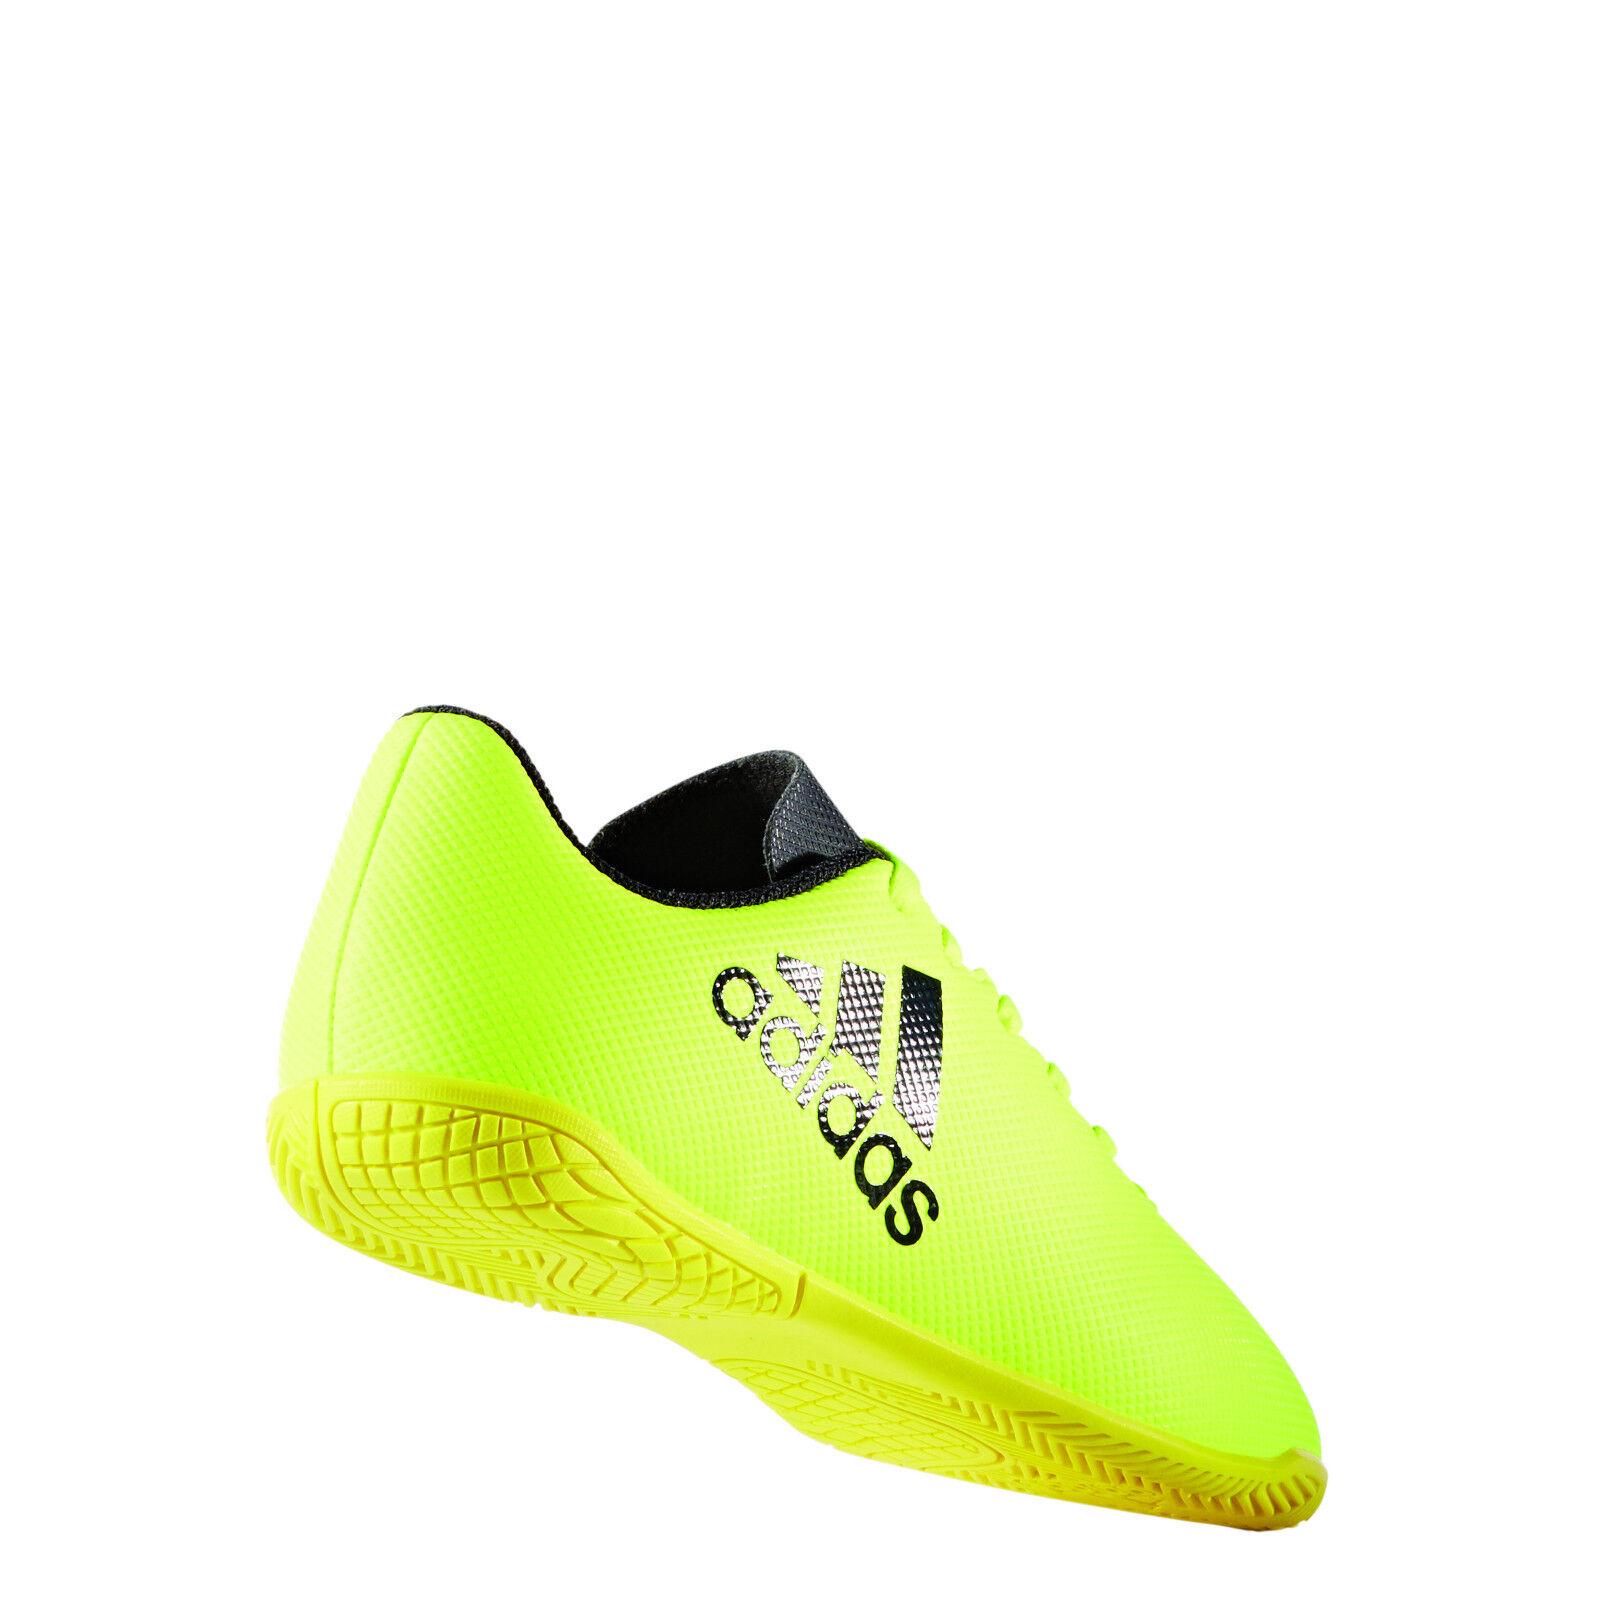 Adidas X 17.4 IN / Kinder Fußballschuhe / Indoorschuhe / Hallenschuhe / S82410